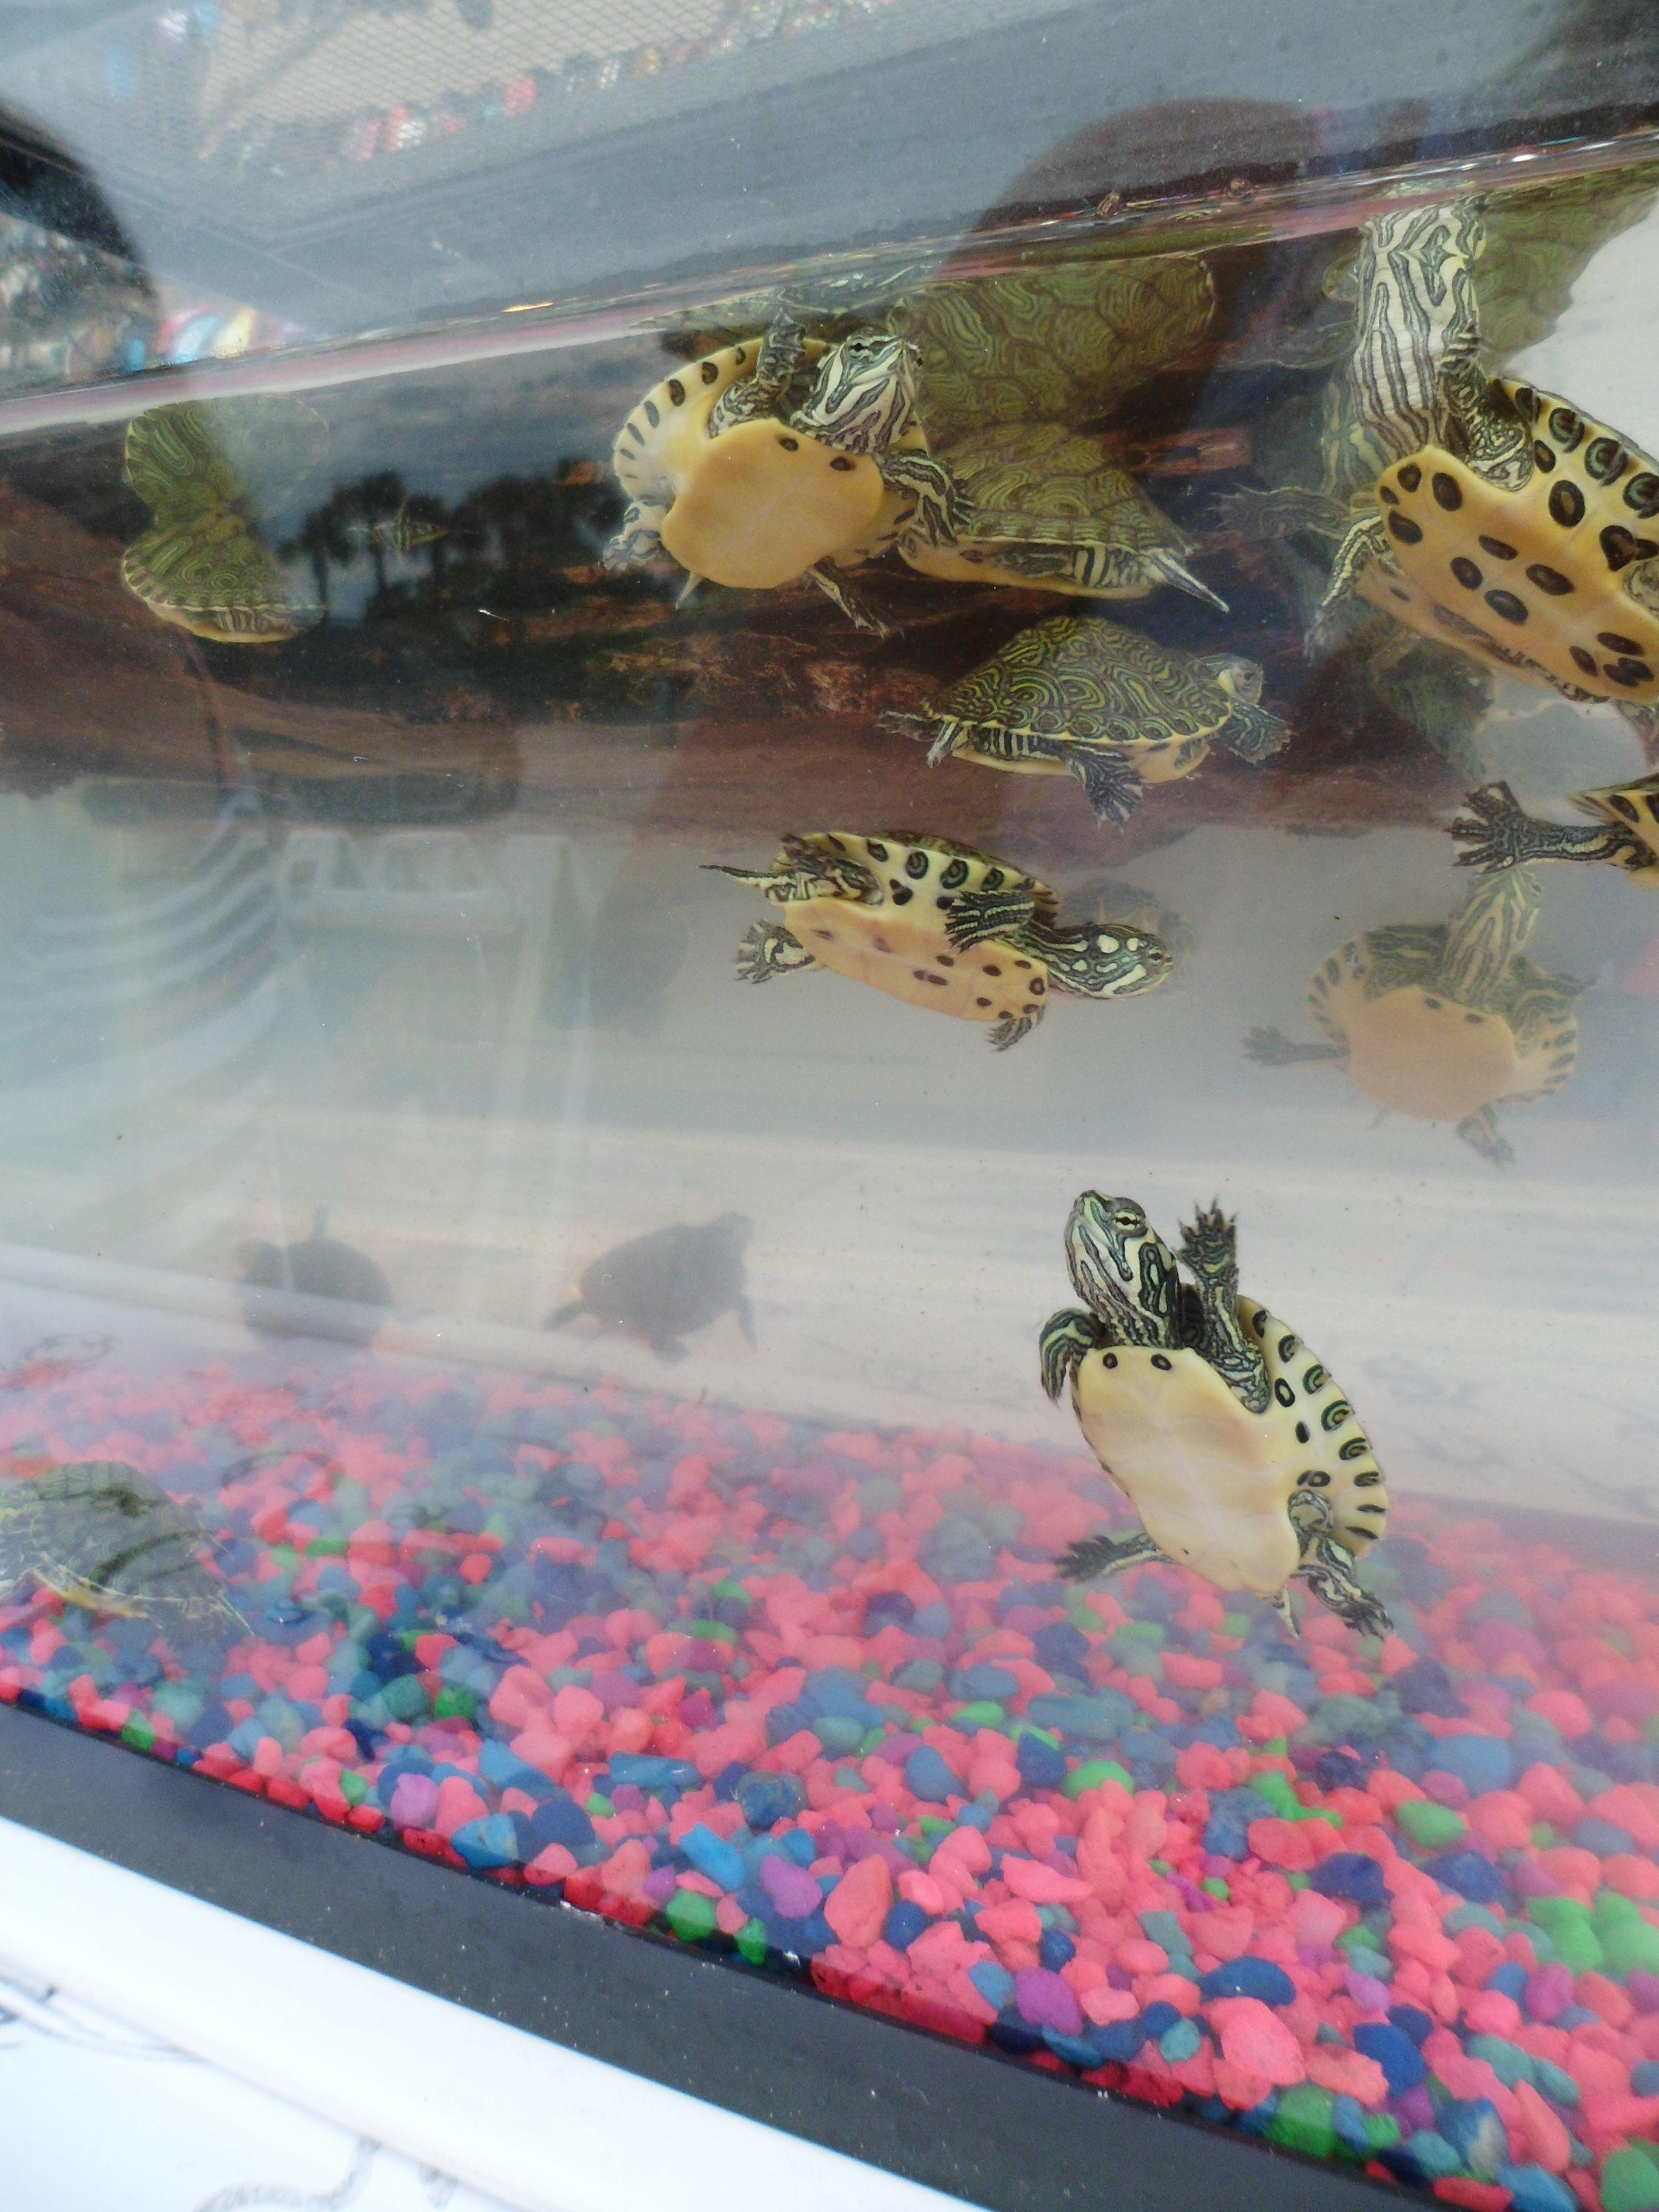 Aquario E Fofo Mas Vamo Fazer Um Laguinho Tartarugas Sao Demais Eu Quero Todas Pra Mim Cute Turtles Pet Turtle Baby Turtles